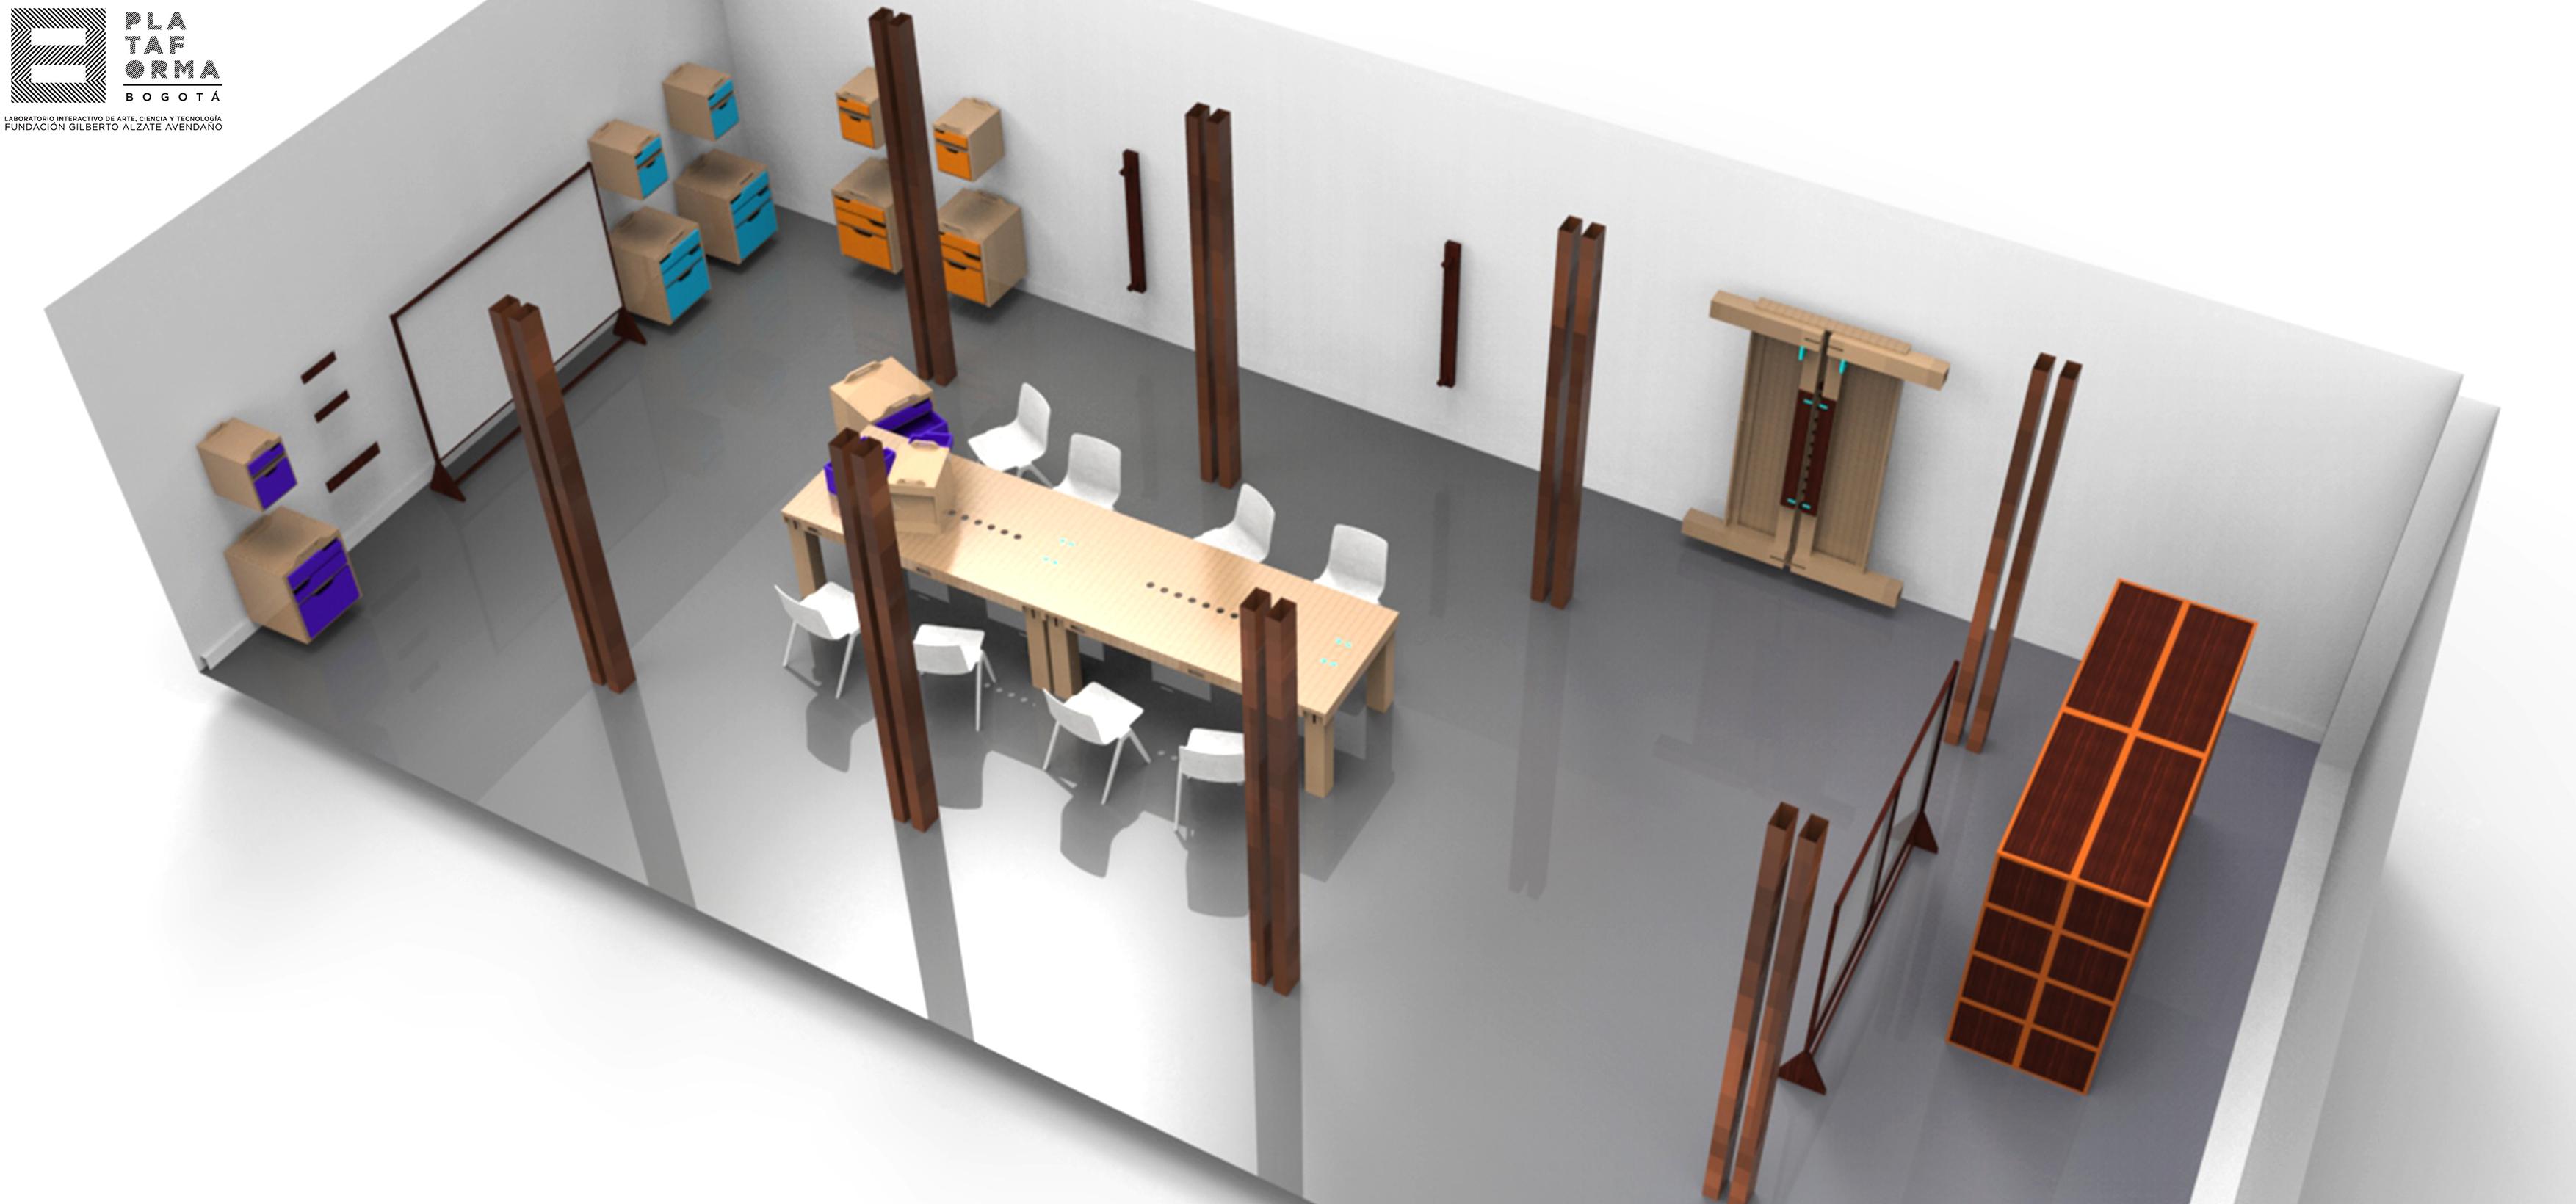 LAB de diseño de mobiliario abierto